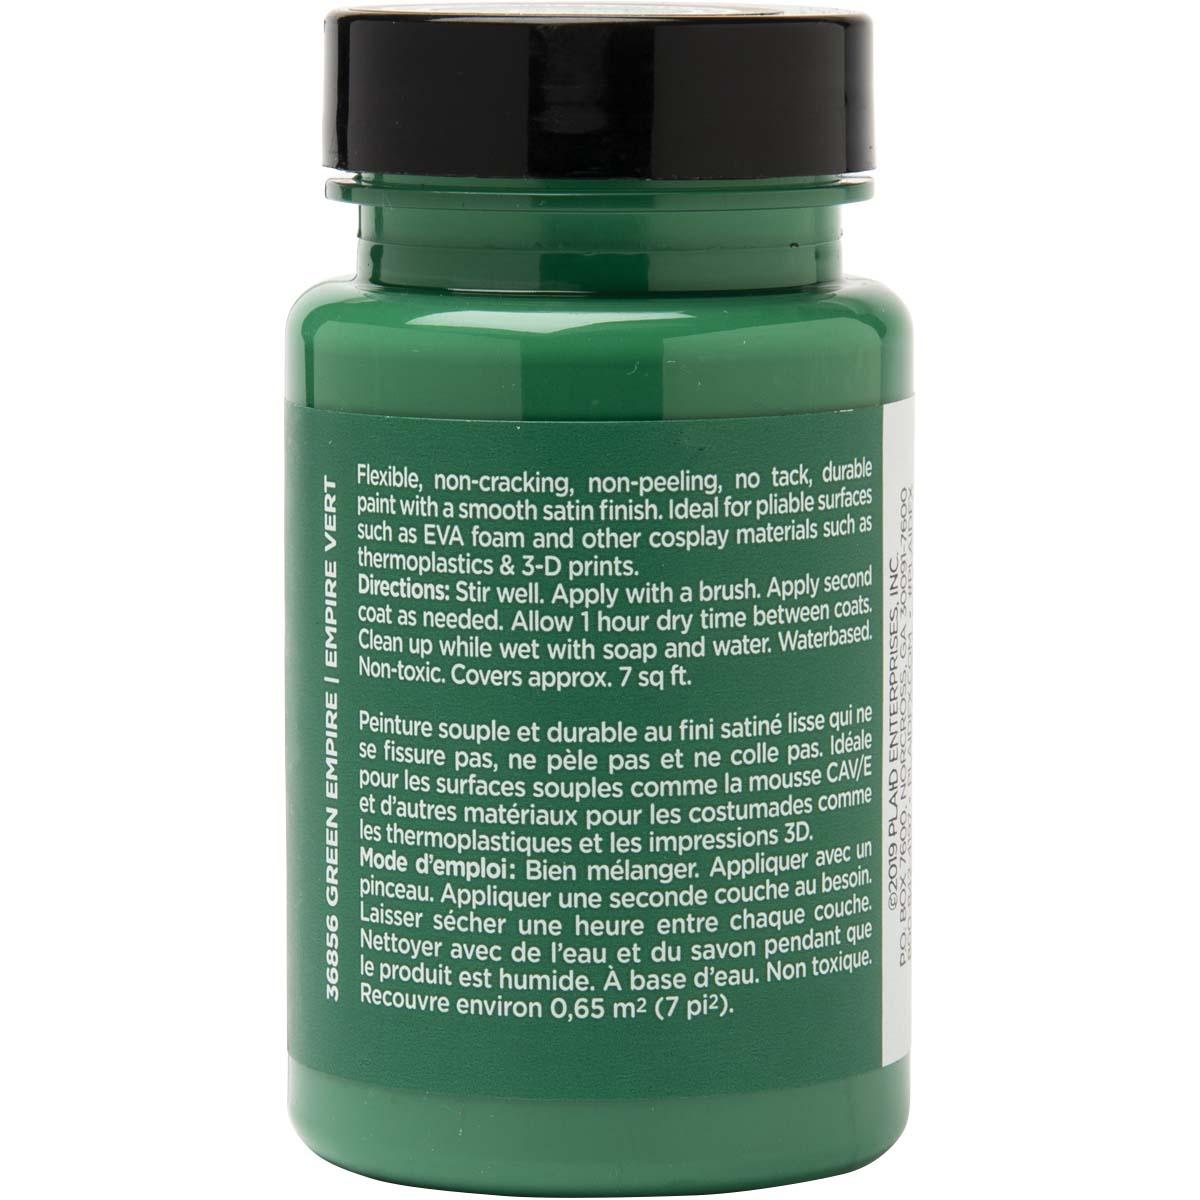 PlaidFX Smooth Satin Flexible Acrylic Paint - Green Empire, 3 oz. - 36856